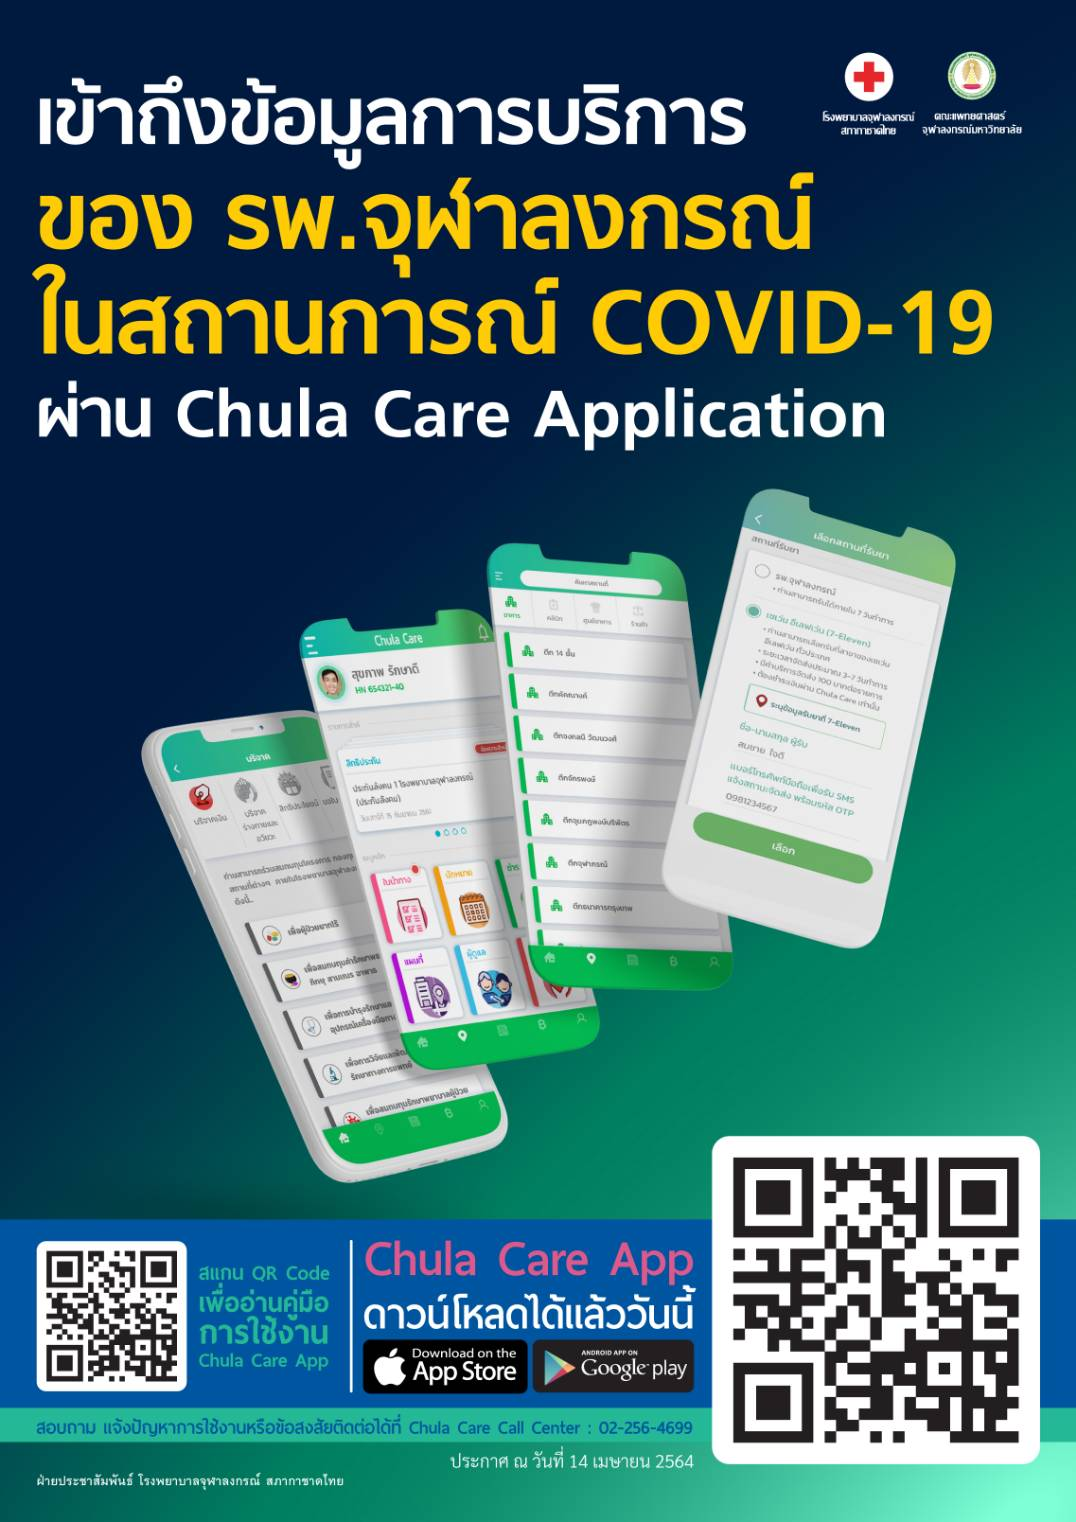 เข้าถึงข้อมูลการบริการ ของ รพ.จุฬาลงกรณ์ ในสถานการณ์ COVID-19 ผ่าน Chula Care Application